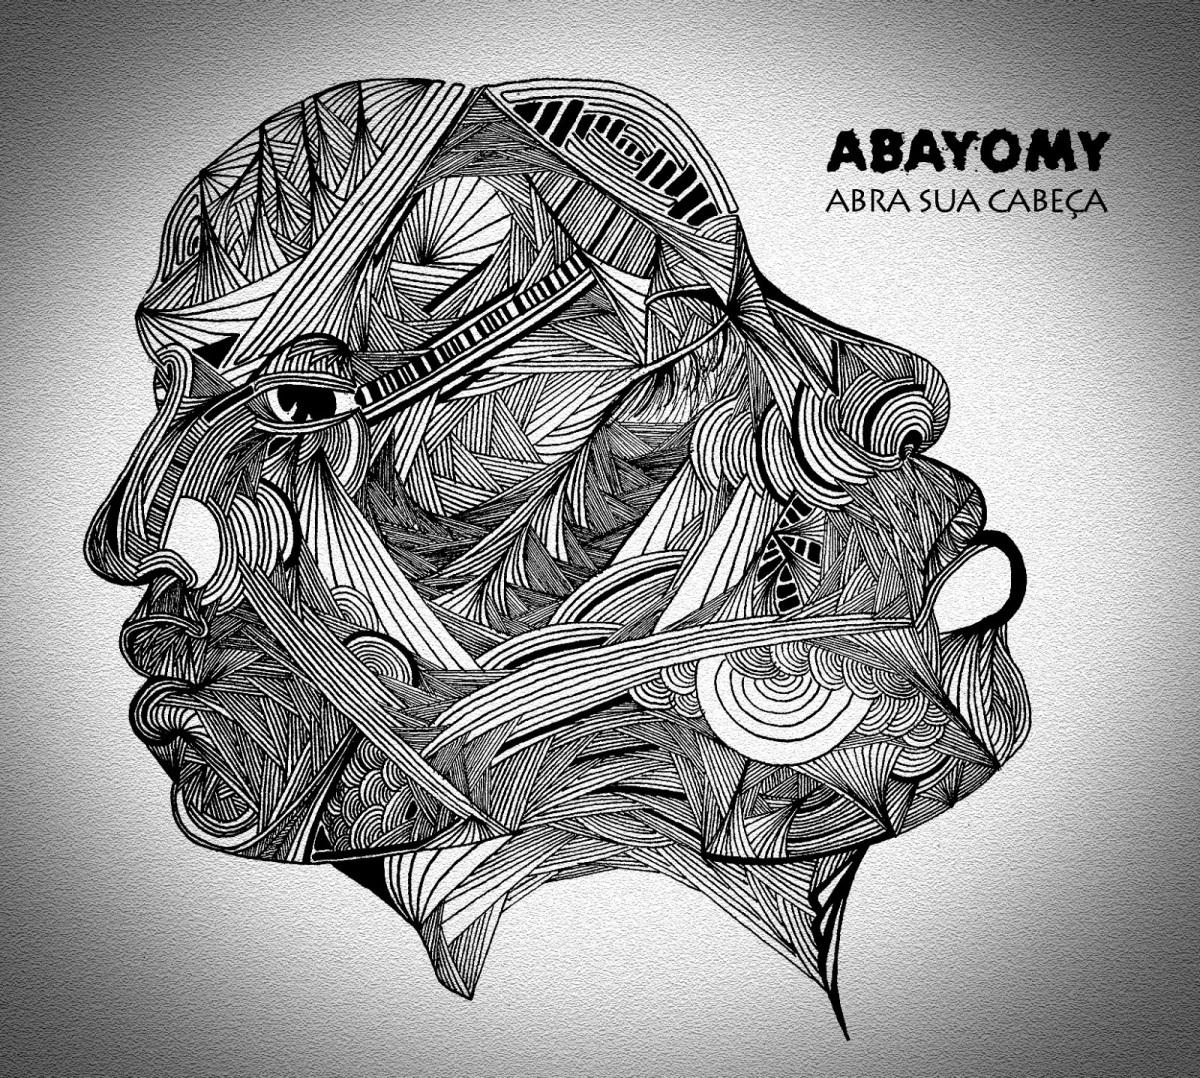 המוזיקה של העתיד: דביר כלב על האלבום החדש של Abayomy Afrobeat Orquestra